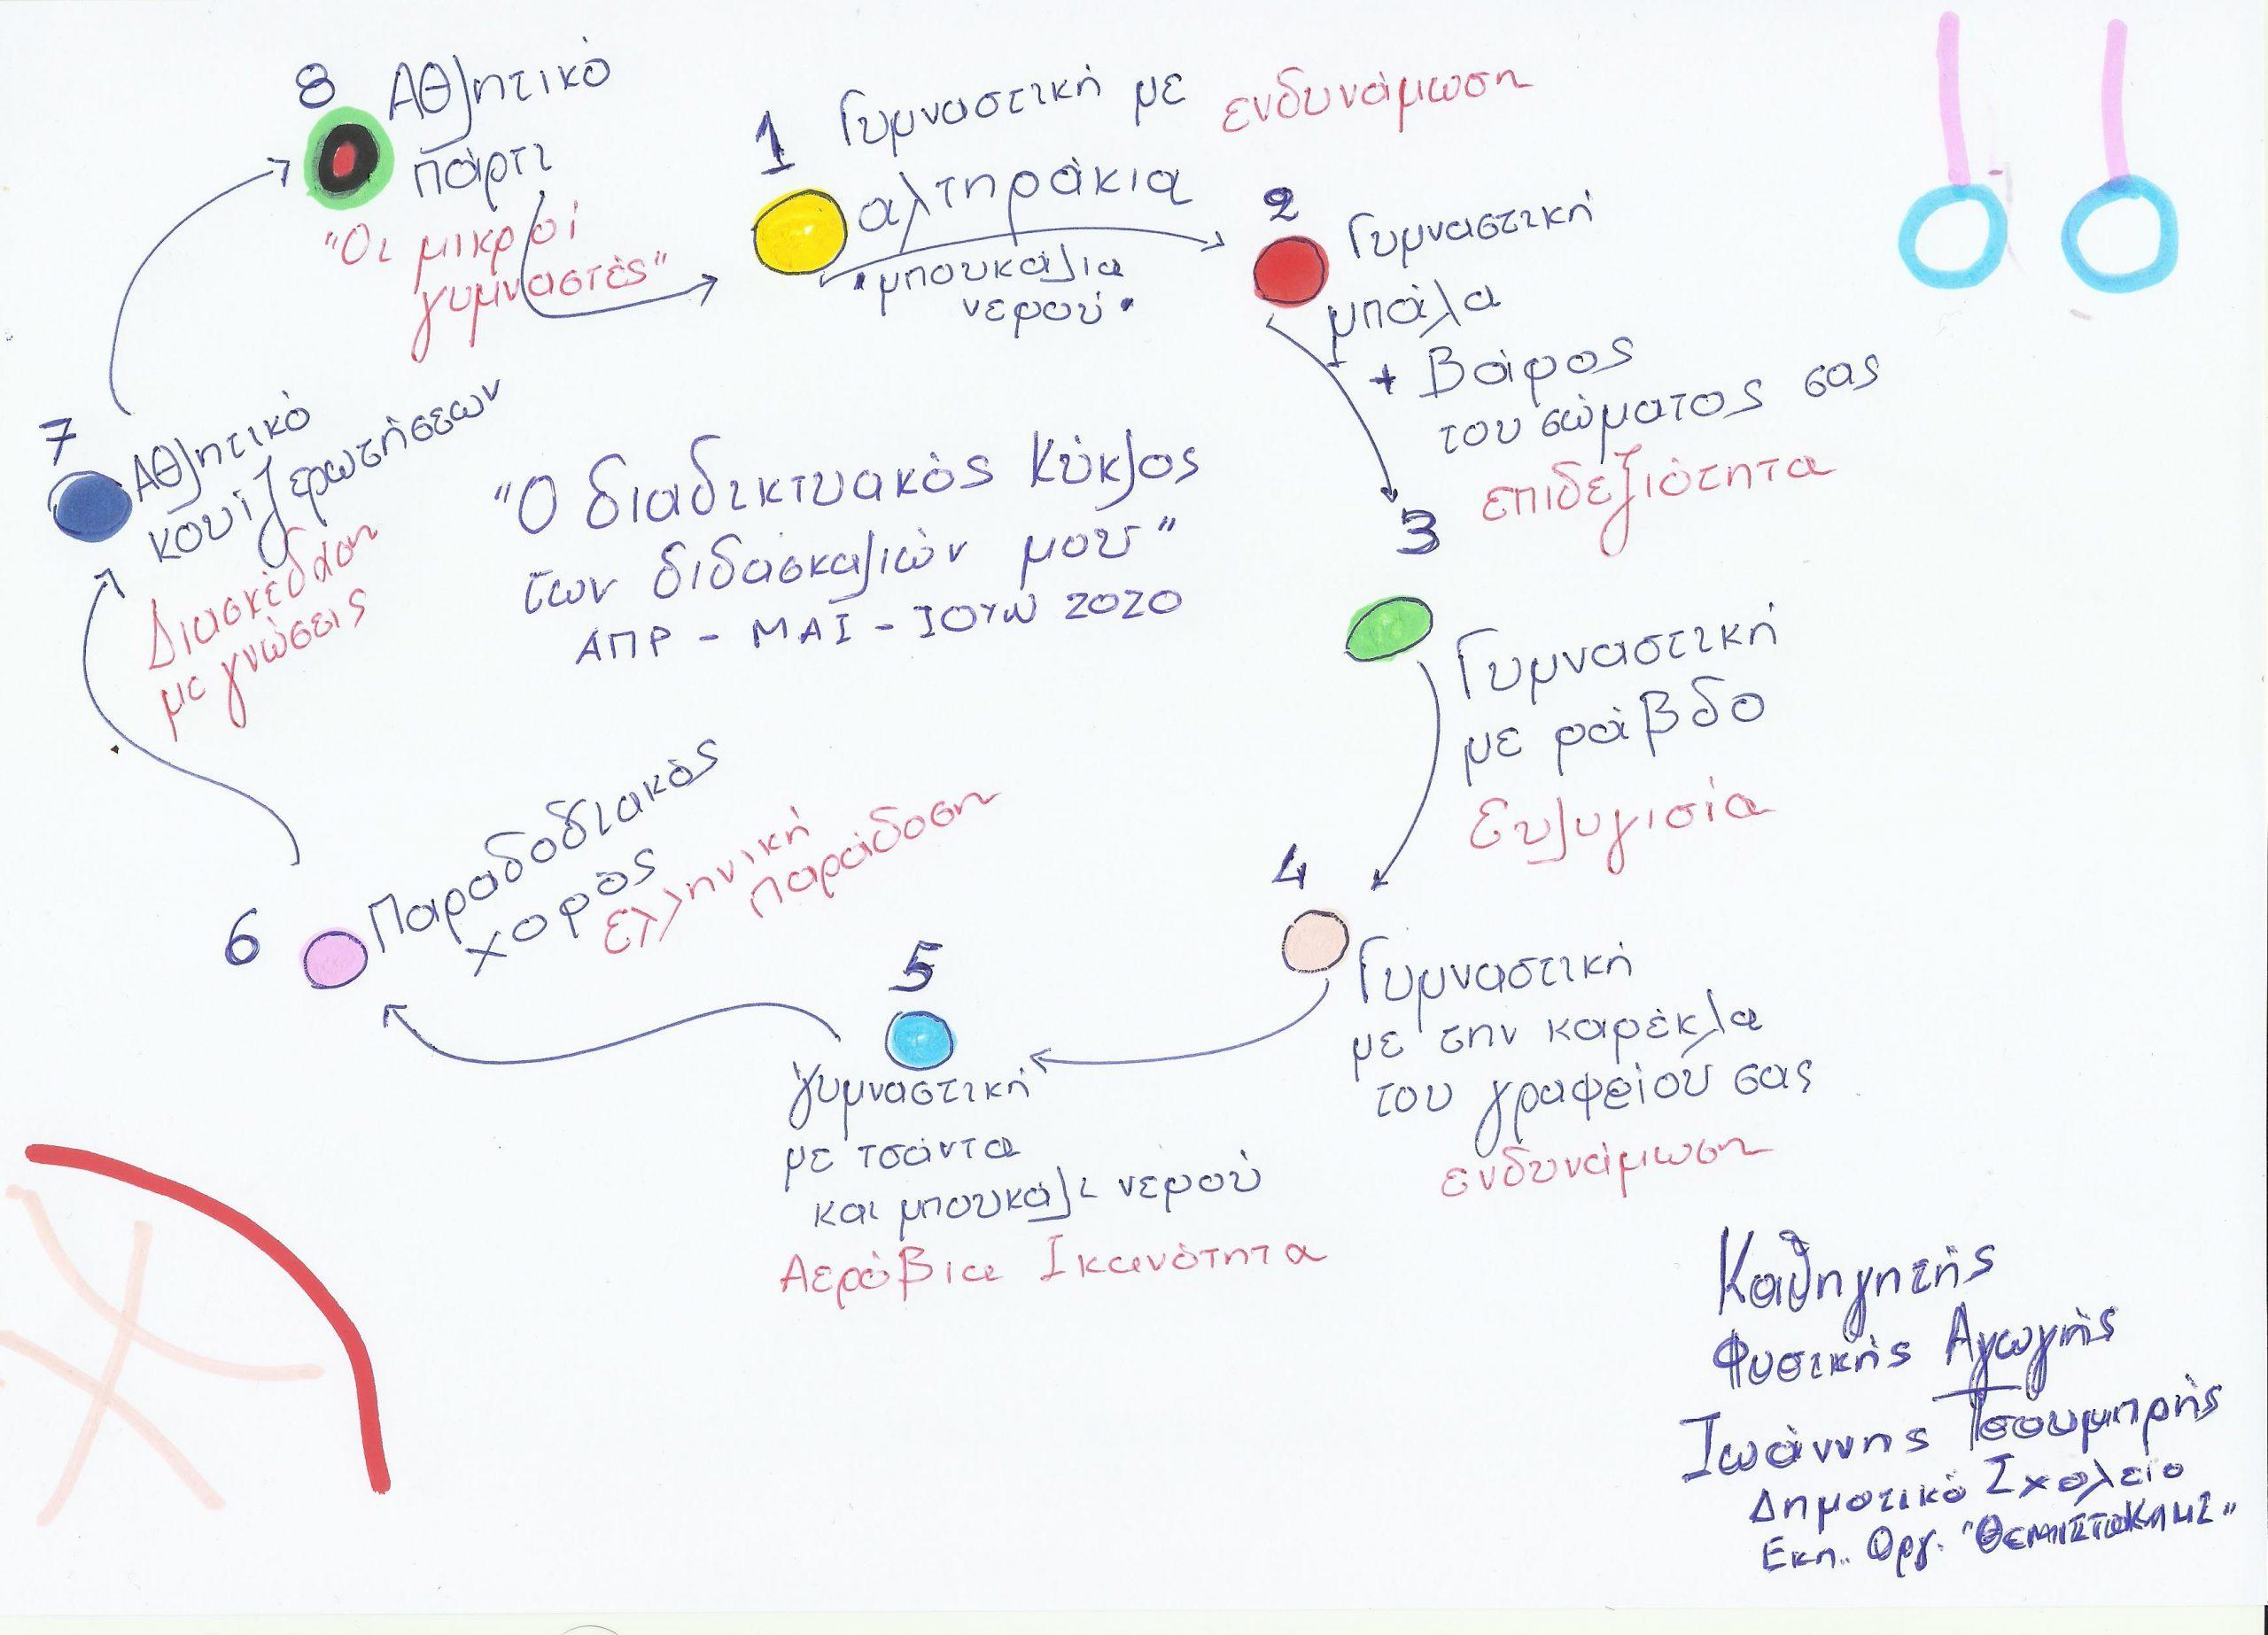 #ΜένουμεΑσφαλείς – Σχεδιασμός Σύγχρονης Εκπαίδευσης στη Φυσική Αγωγή